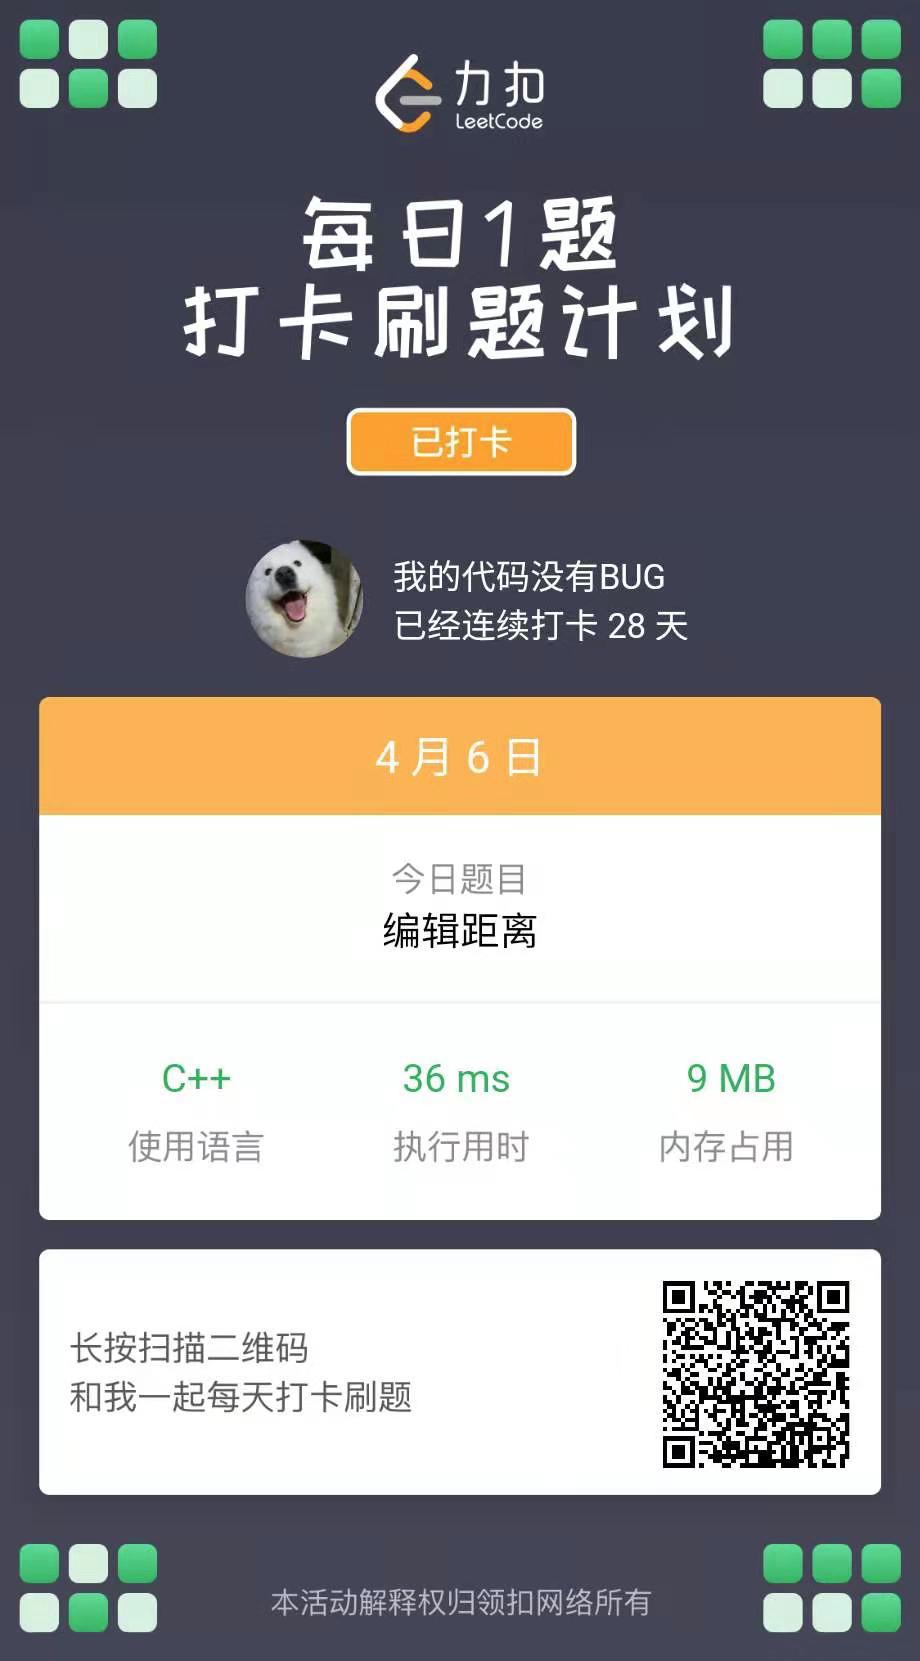 【每日打卡】[leetcode]72-编辑距离